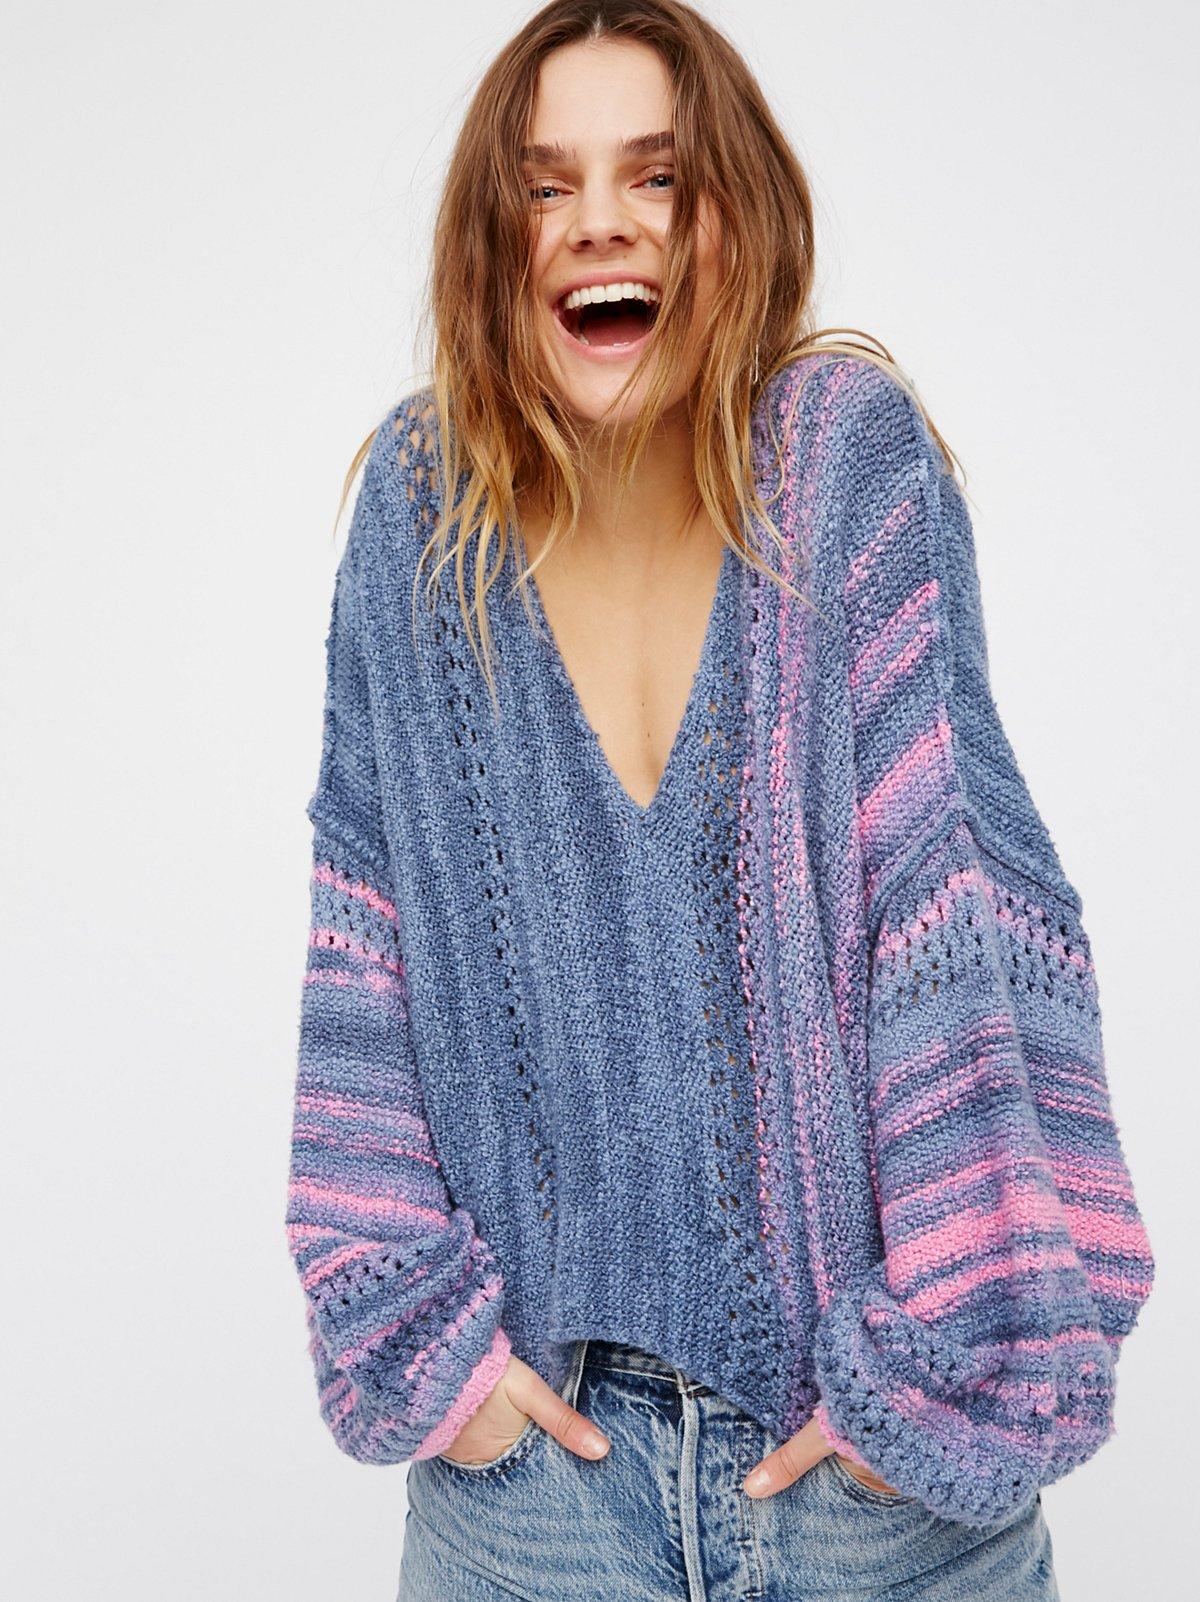 Amethyst毛衣